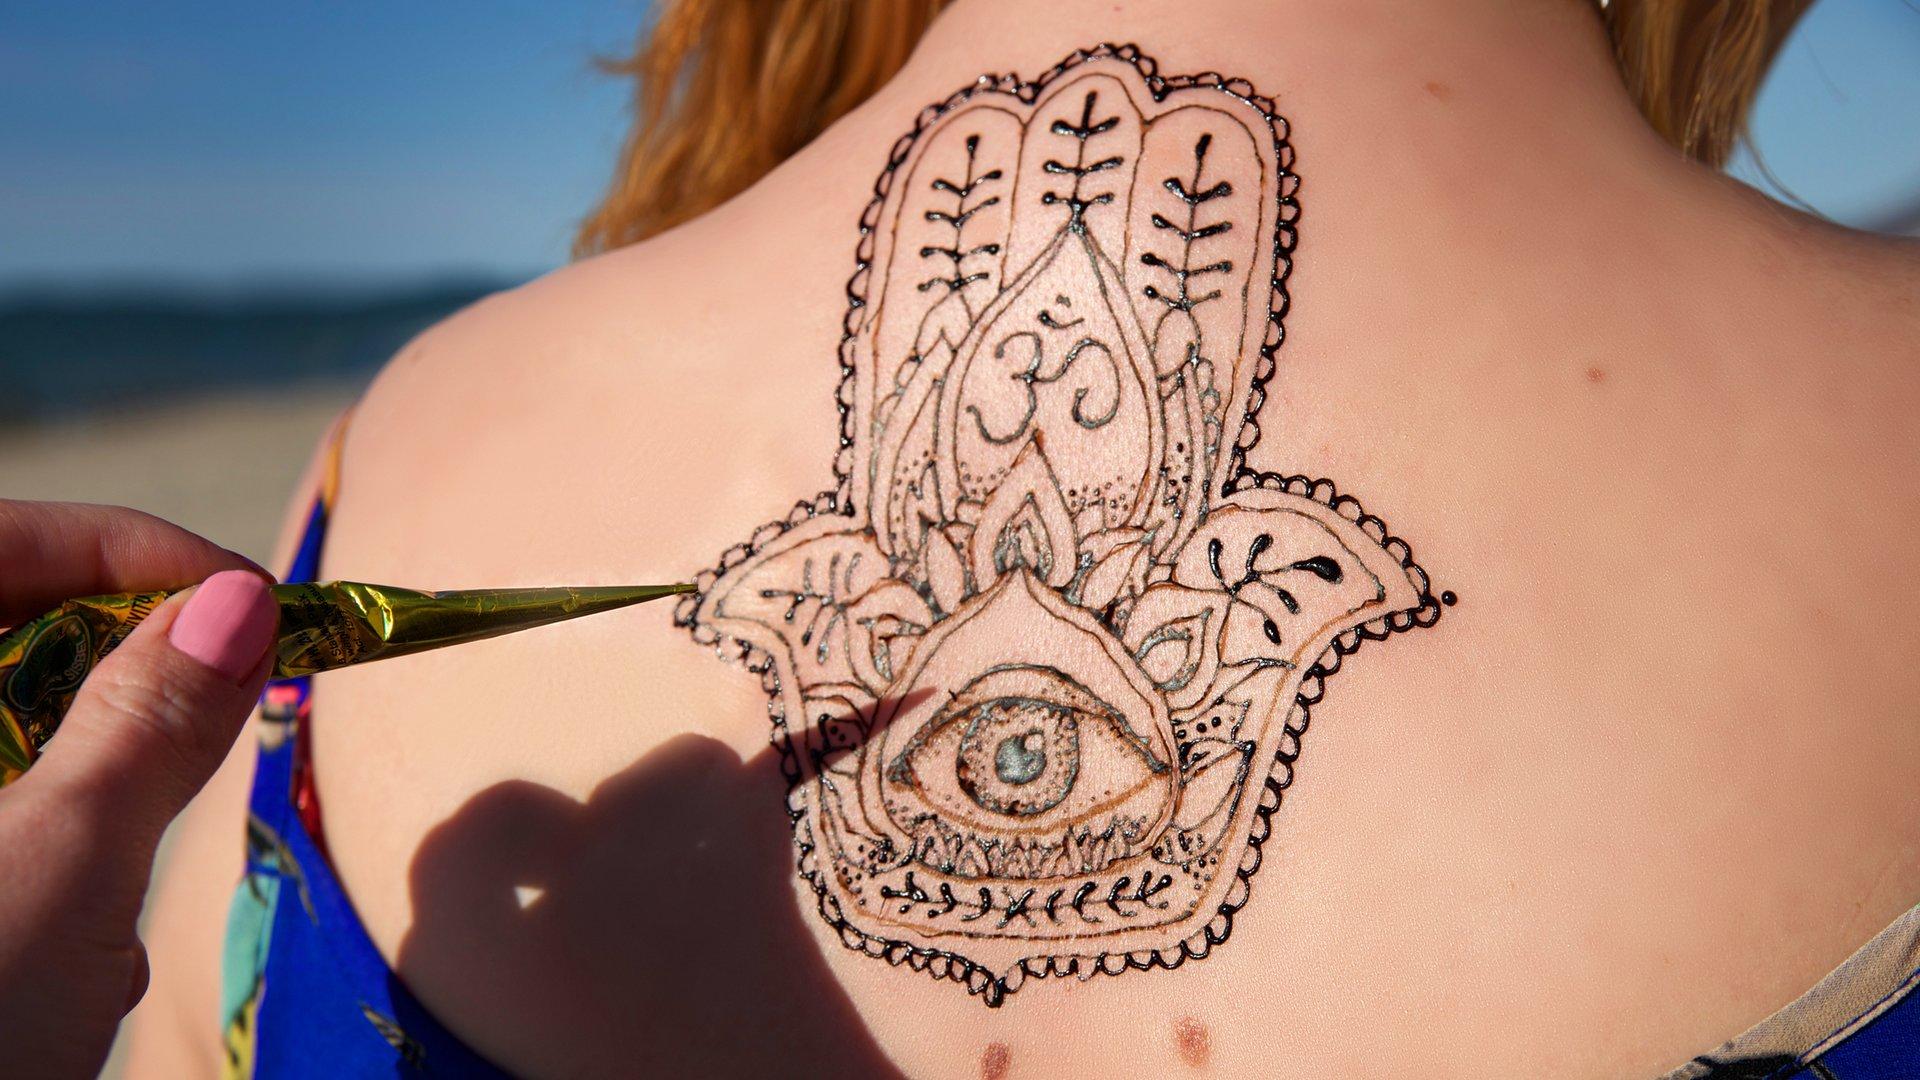 Auge bedeutung tattoo mit hand ▷ 1001